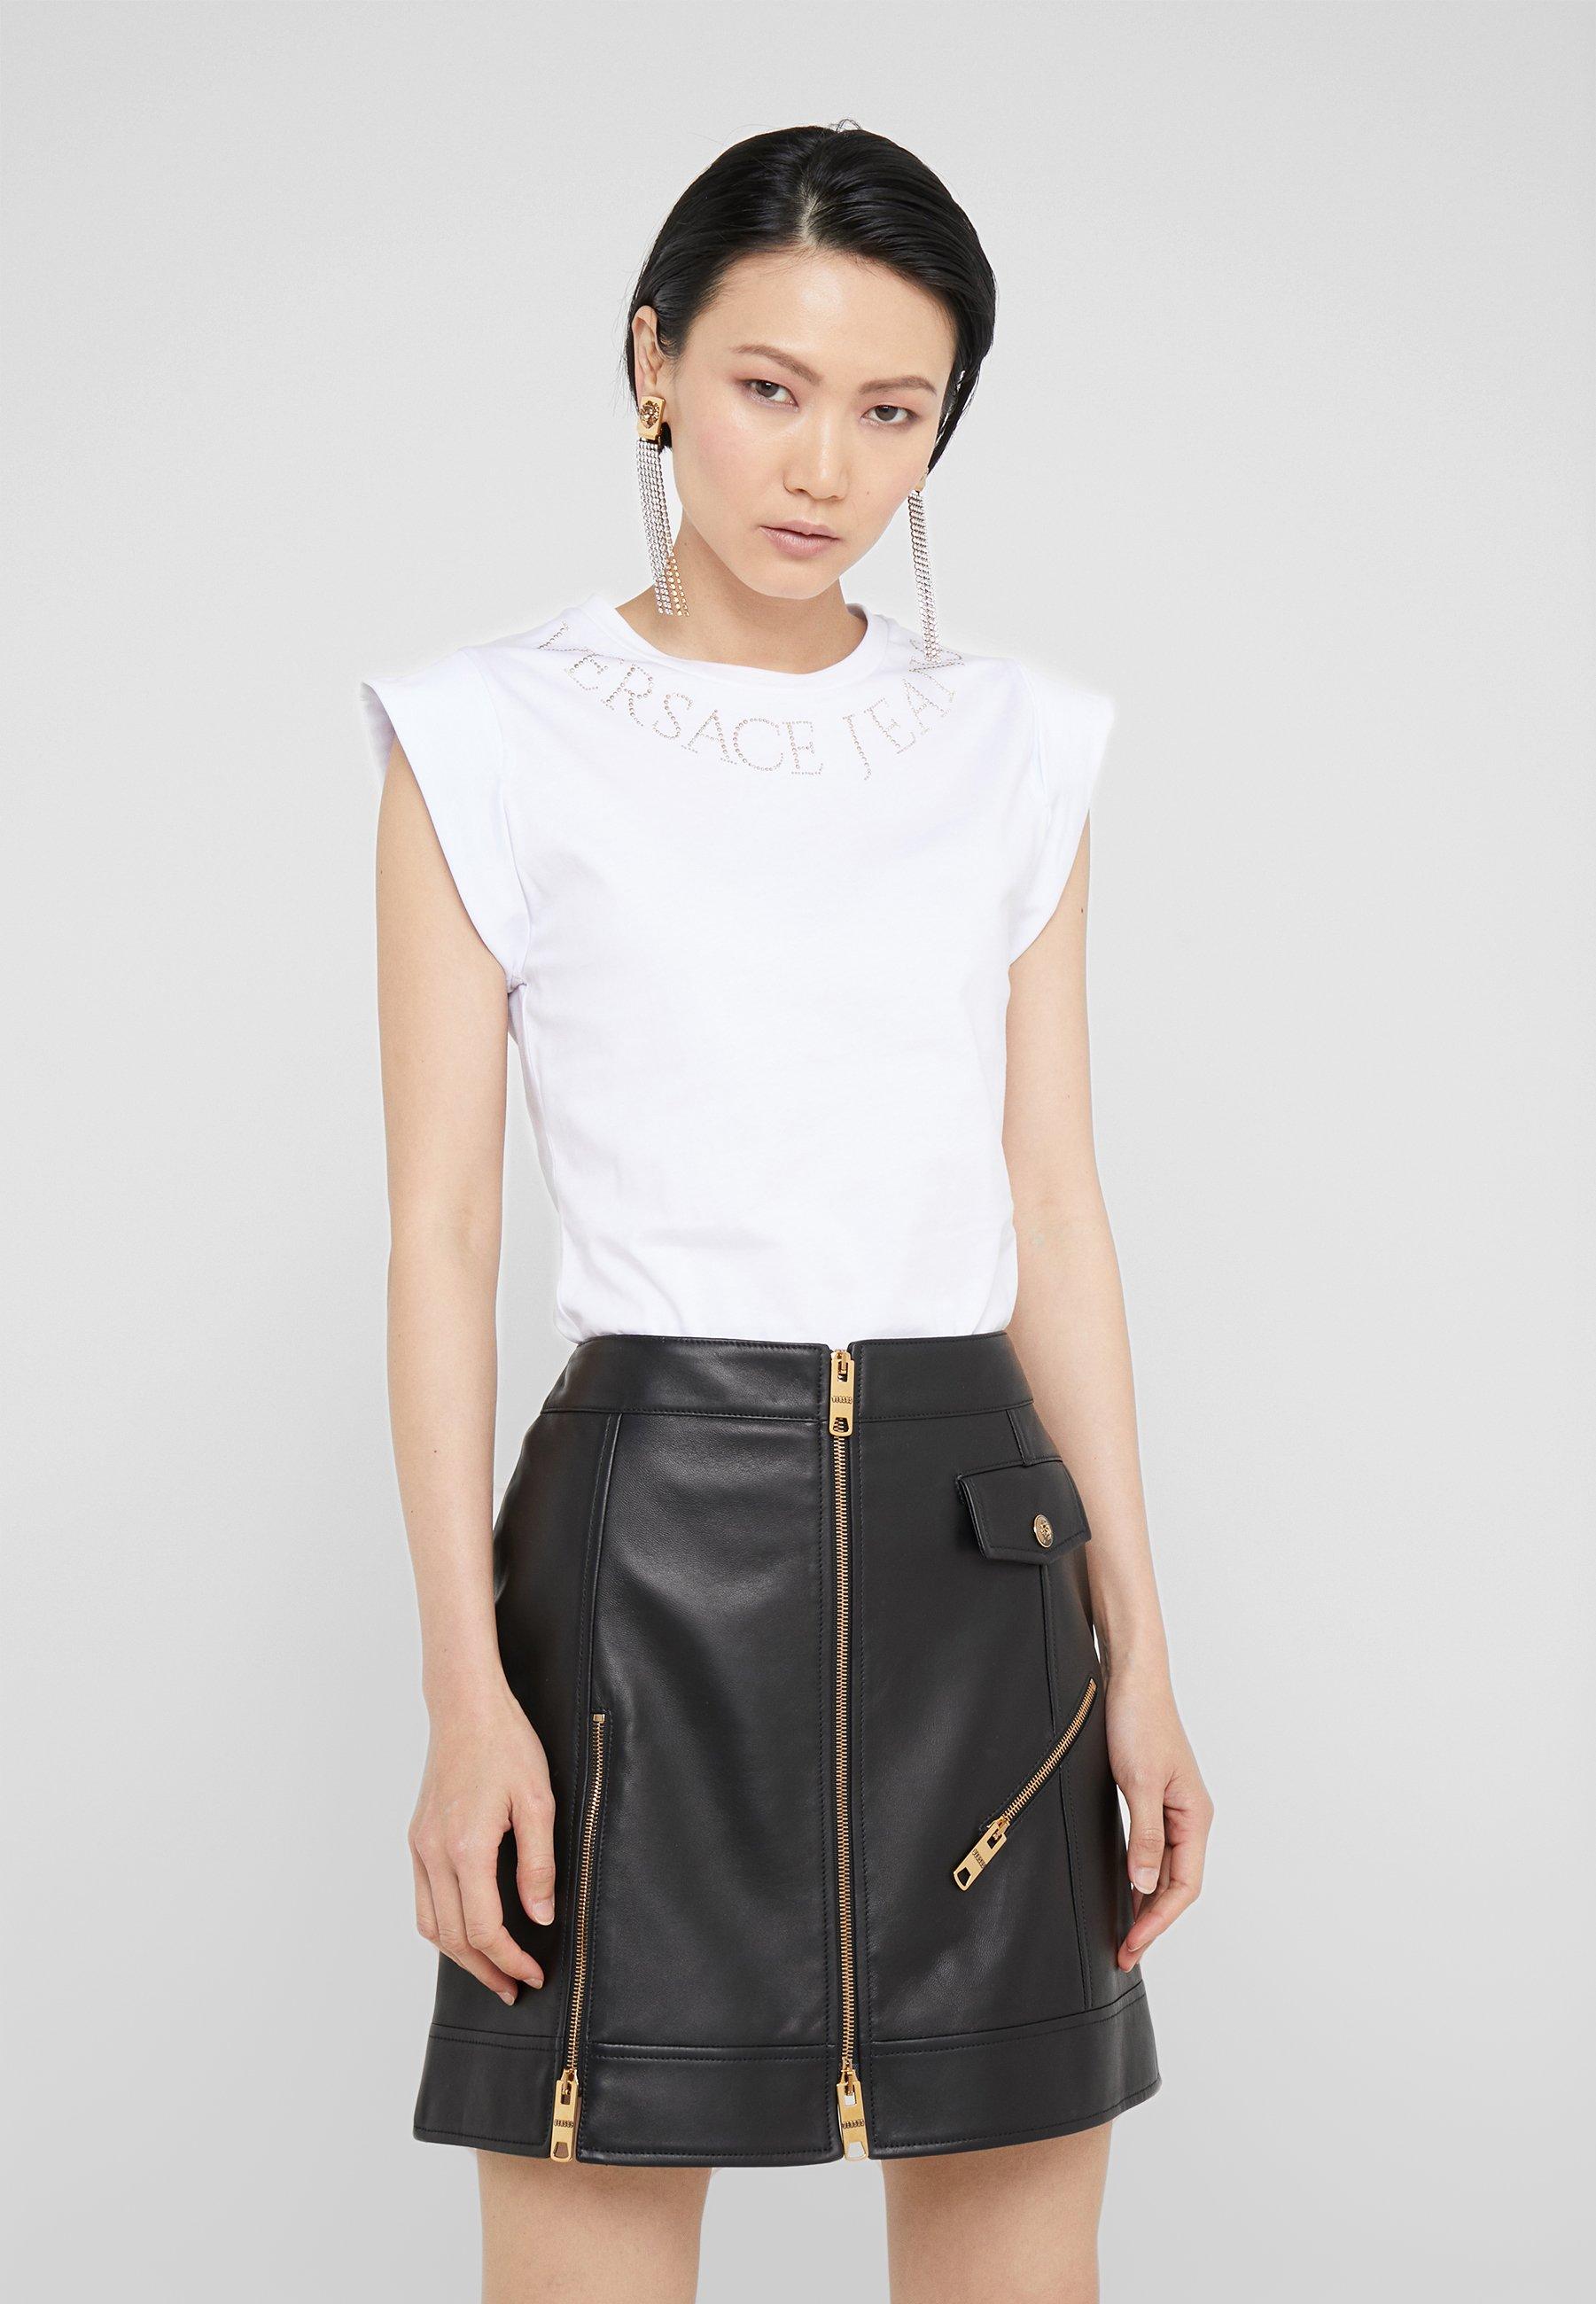 shirt ImpriméBianco Jeans Couture Ottico Versace T QrChdst